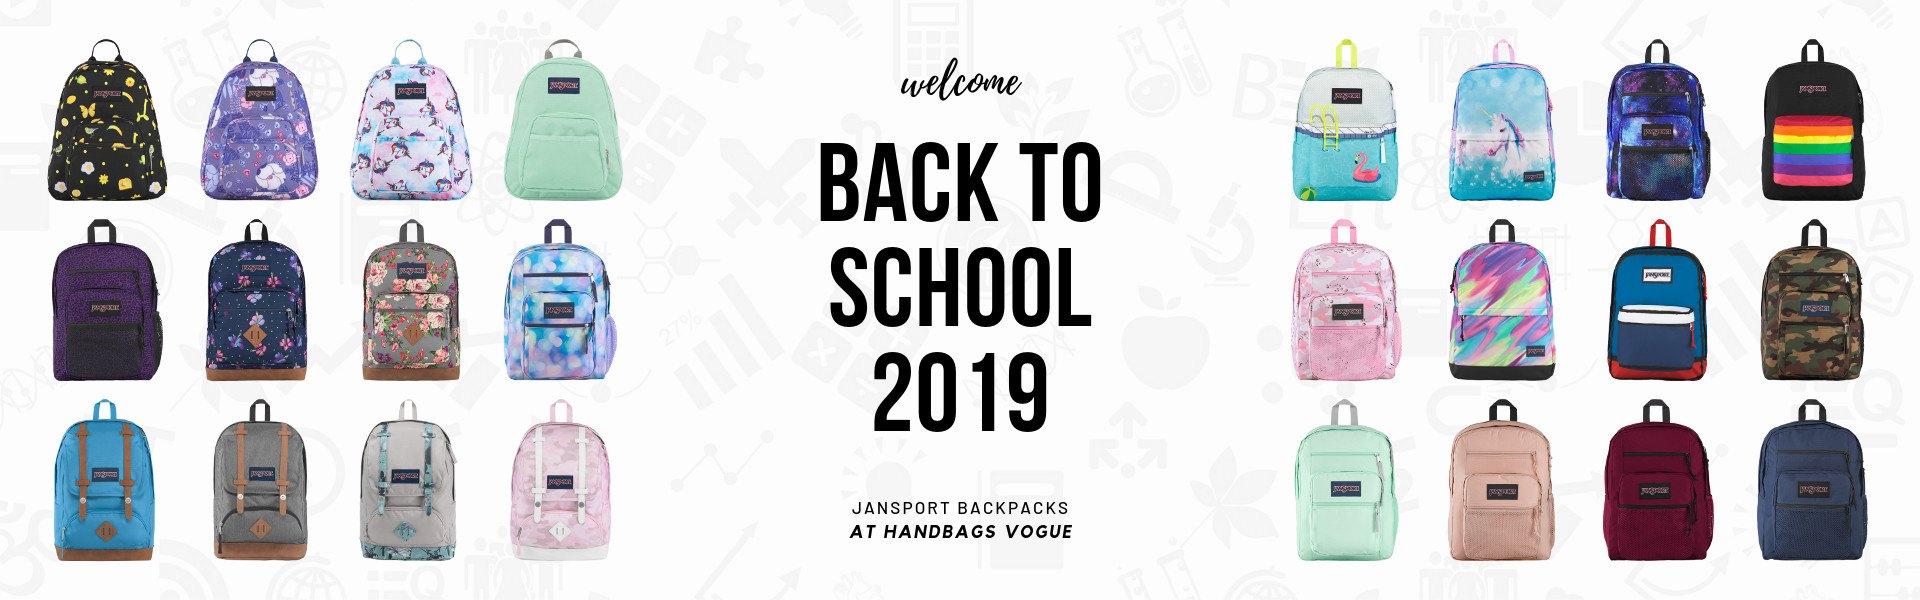 Back to school 2019 Jansport Backpacks